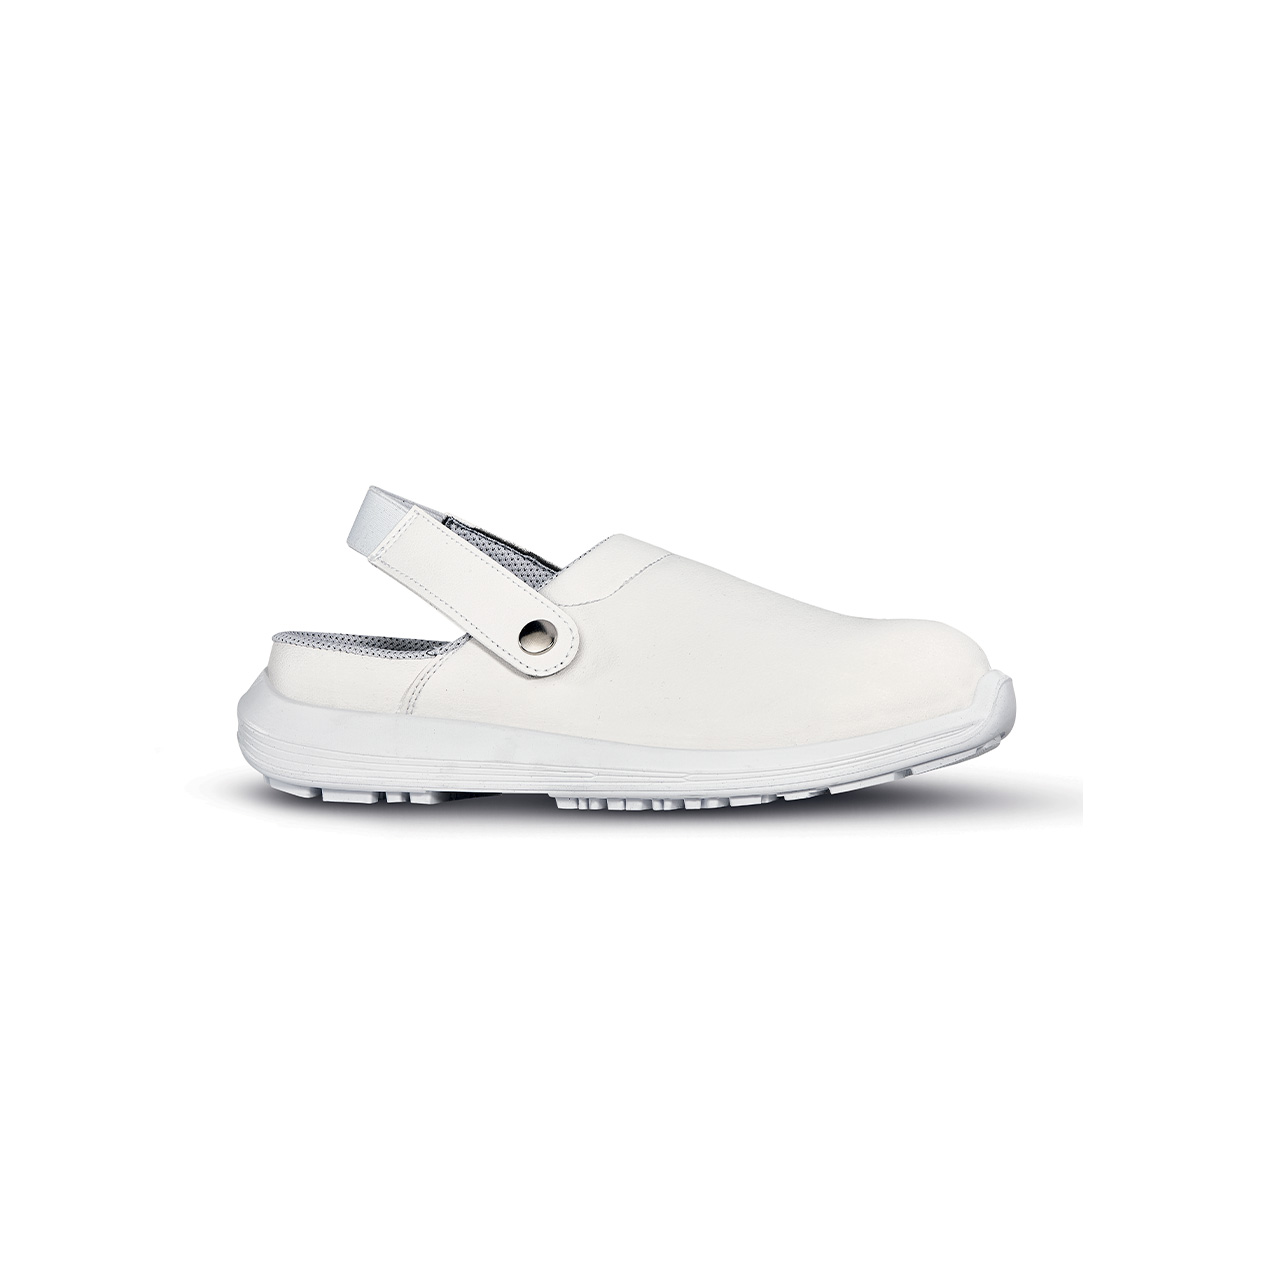 scarpa antinfortunistica upower modello surge linea black68_white vista laterale